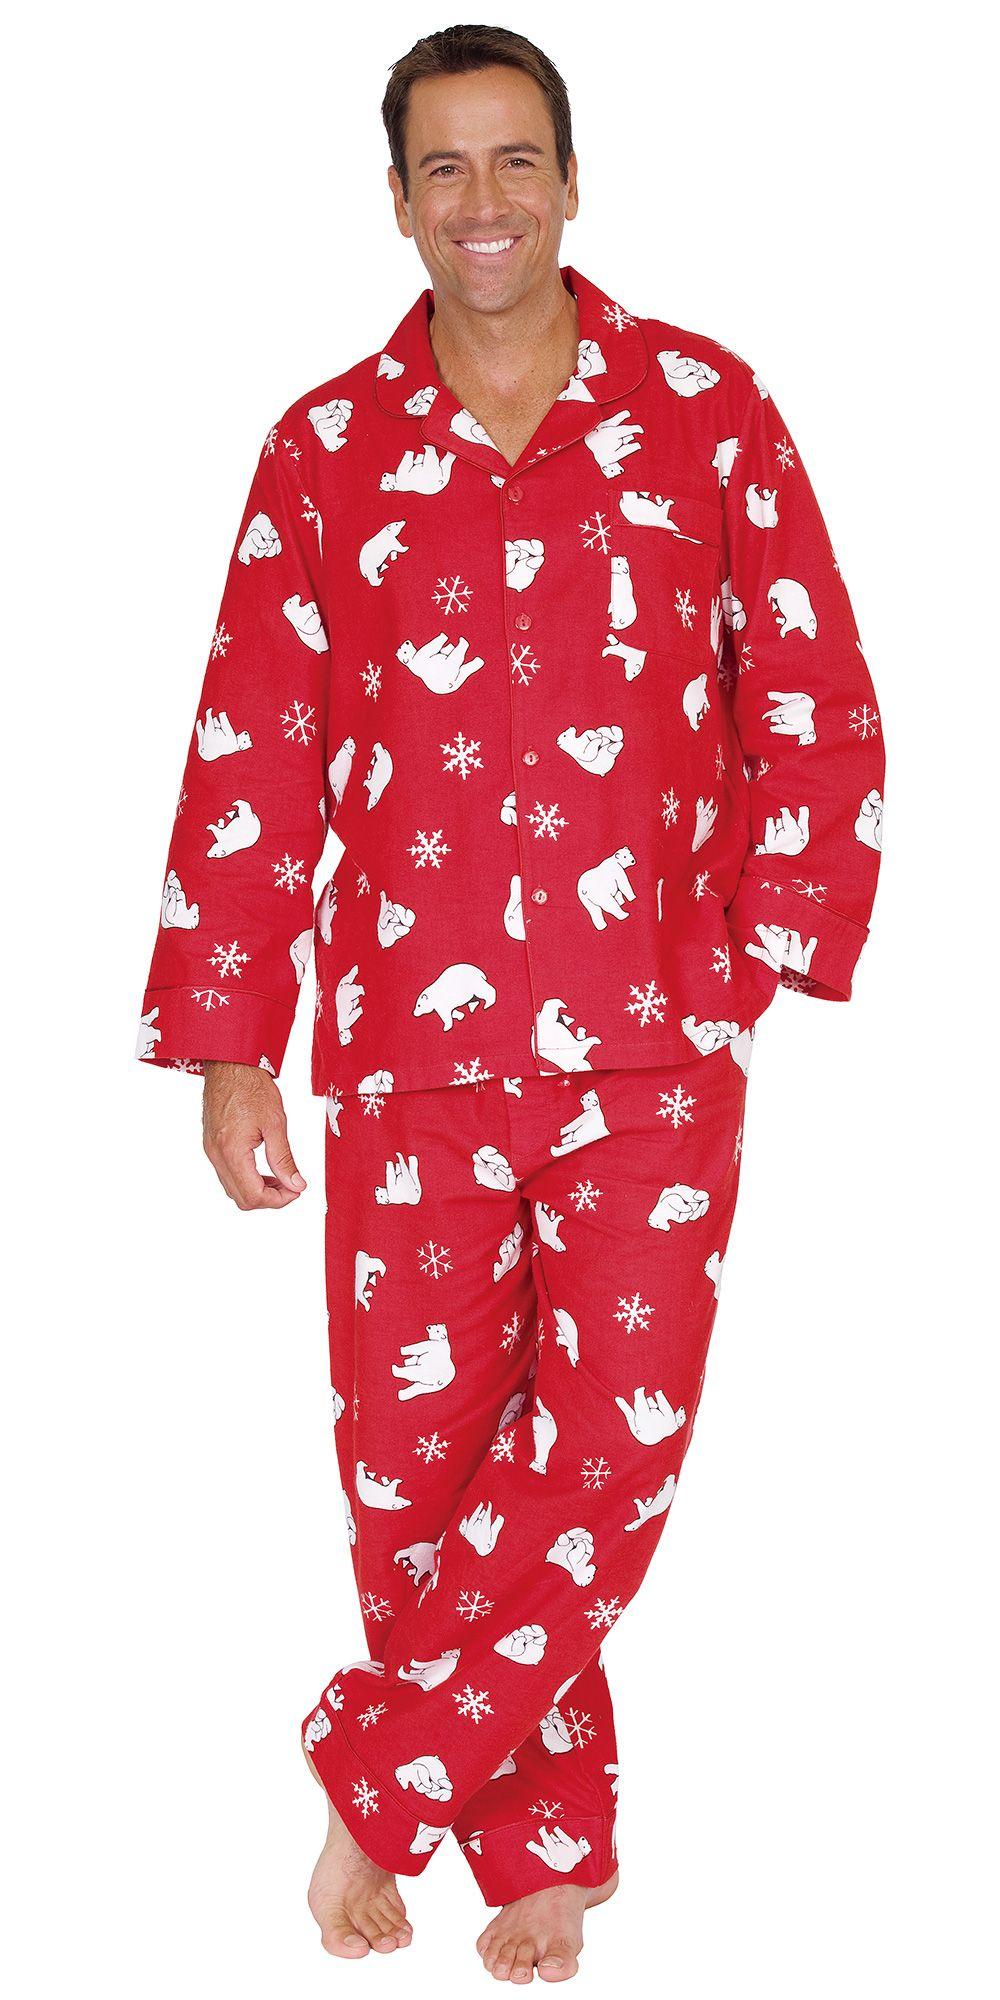 Mens Red Flannel Pajamas | fashjourney.com | Mens Pajamas ...